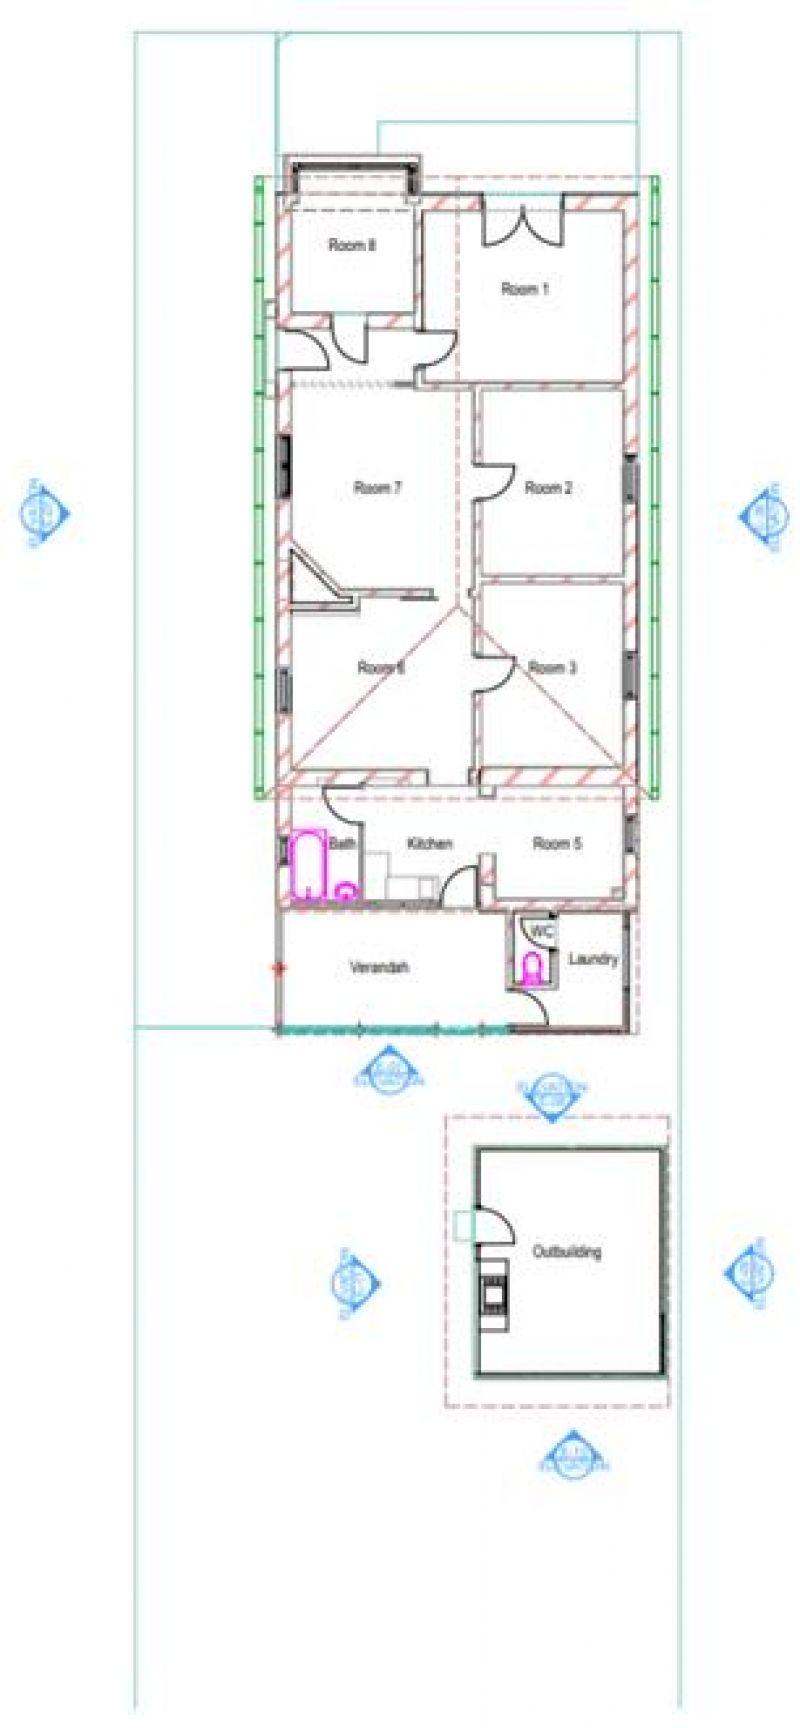 CONSULTING ROOMS UNDER REFURBISHMENT